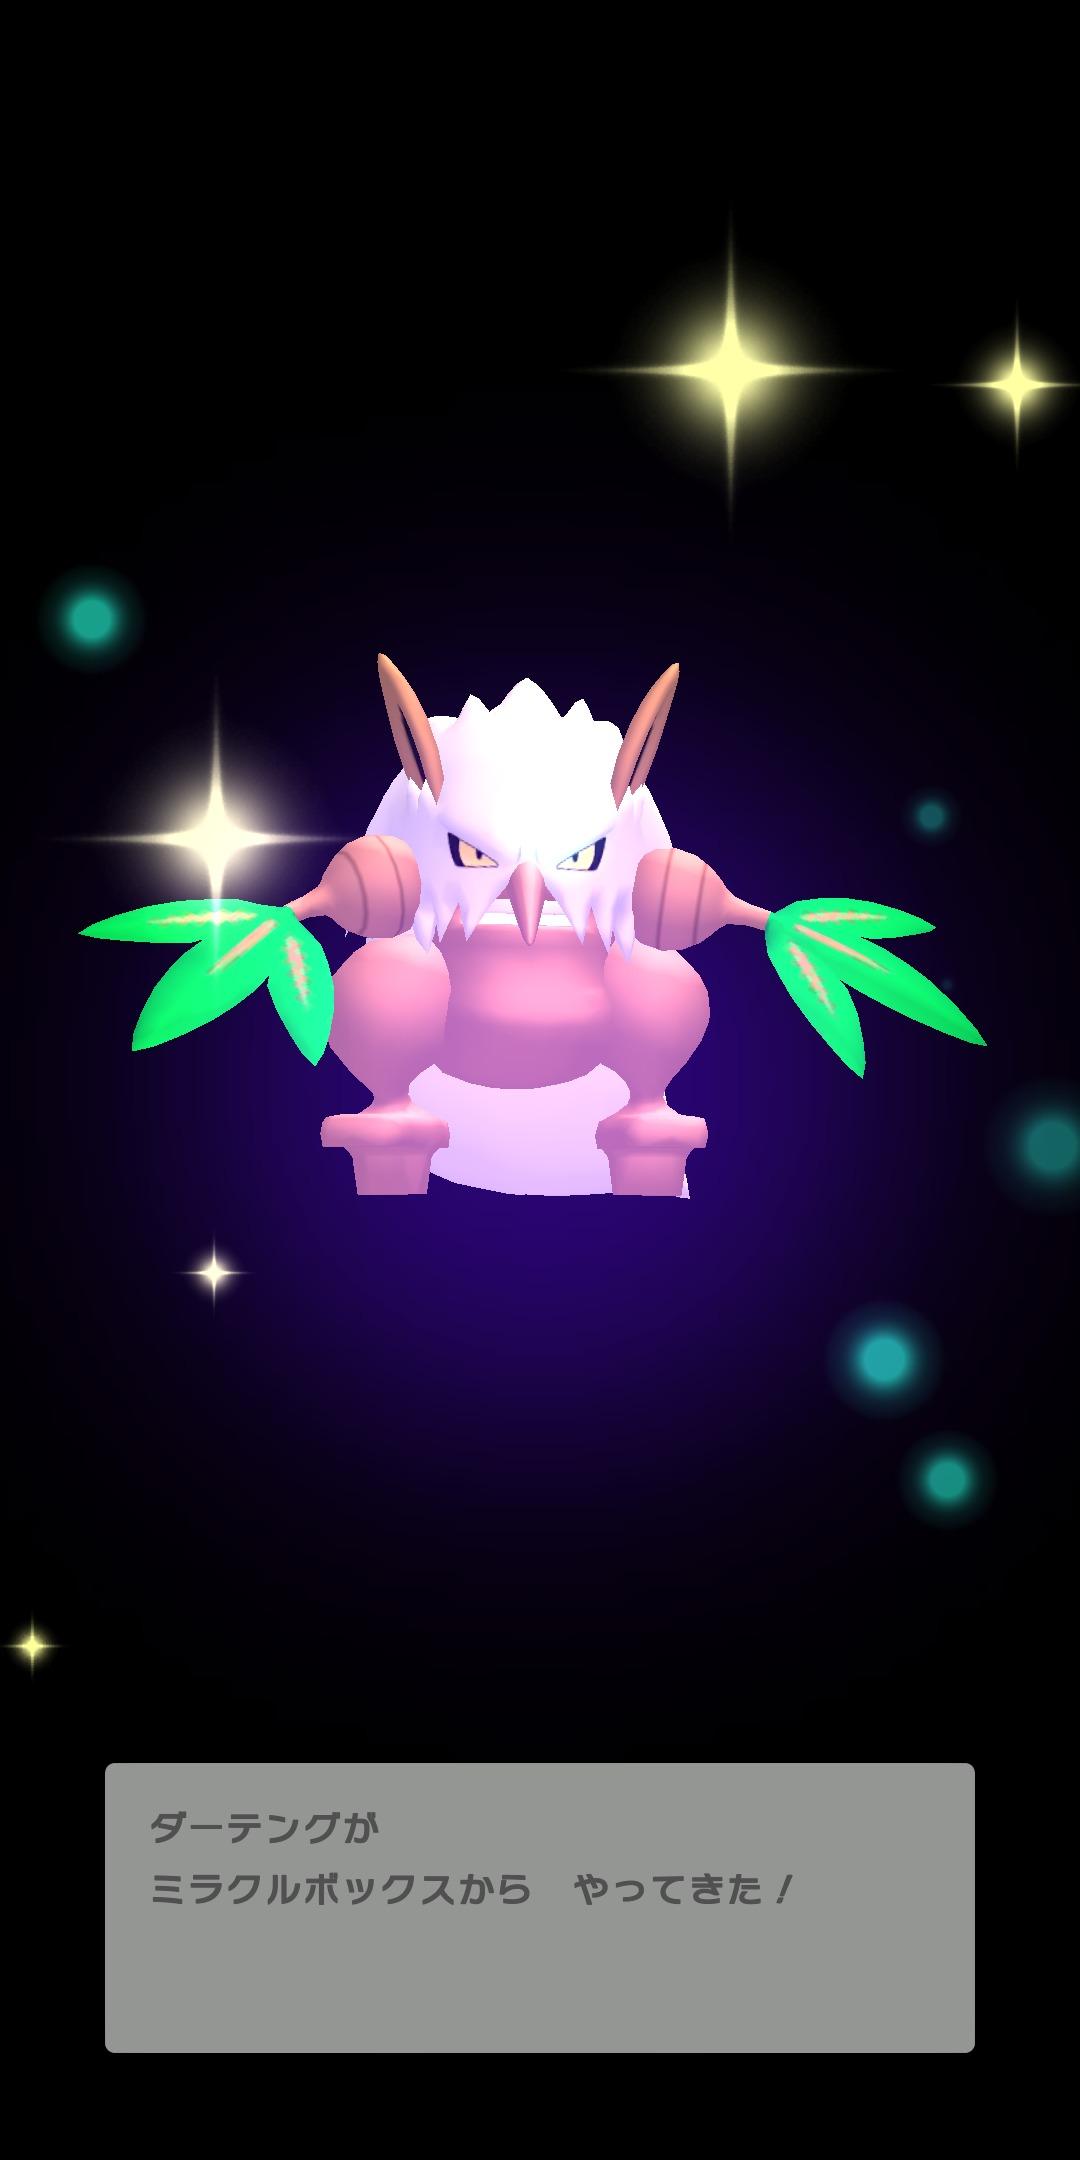 ミラクルボックス4 (C)2020 Pokémon. (C)1995-2020 Nintendo/Creatures Inc. /GAME FREAK inc.